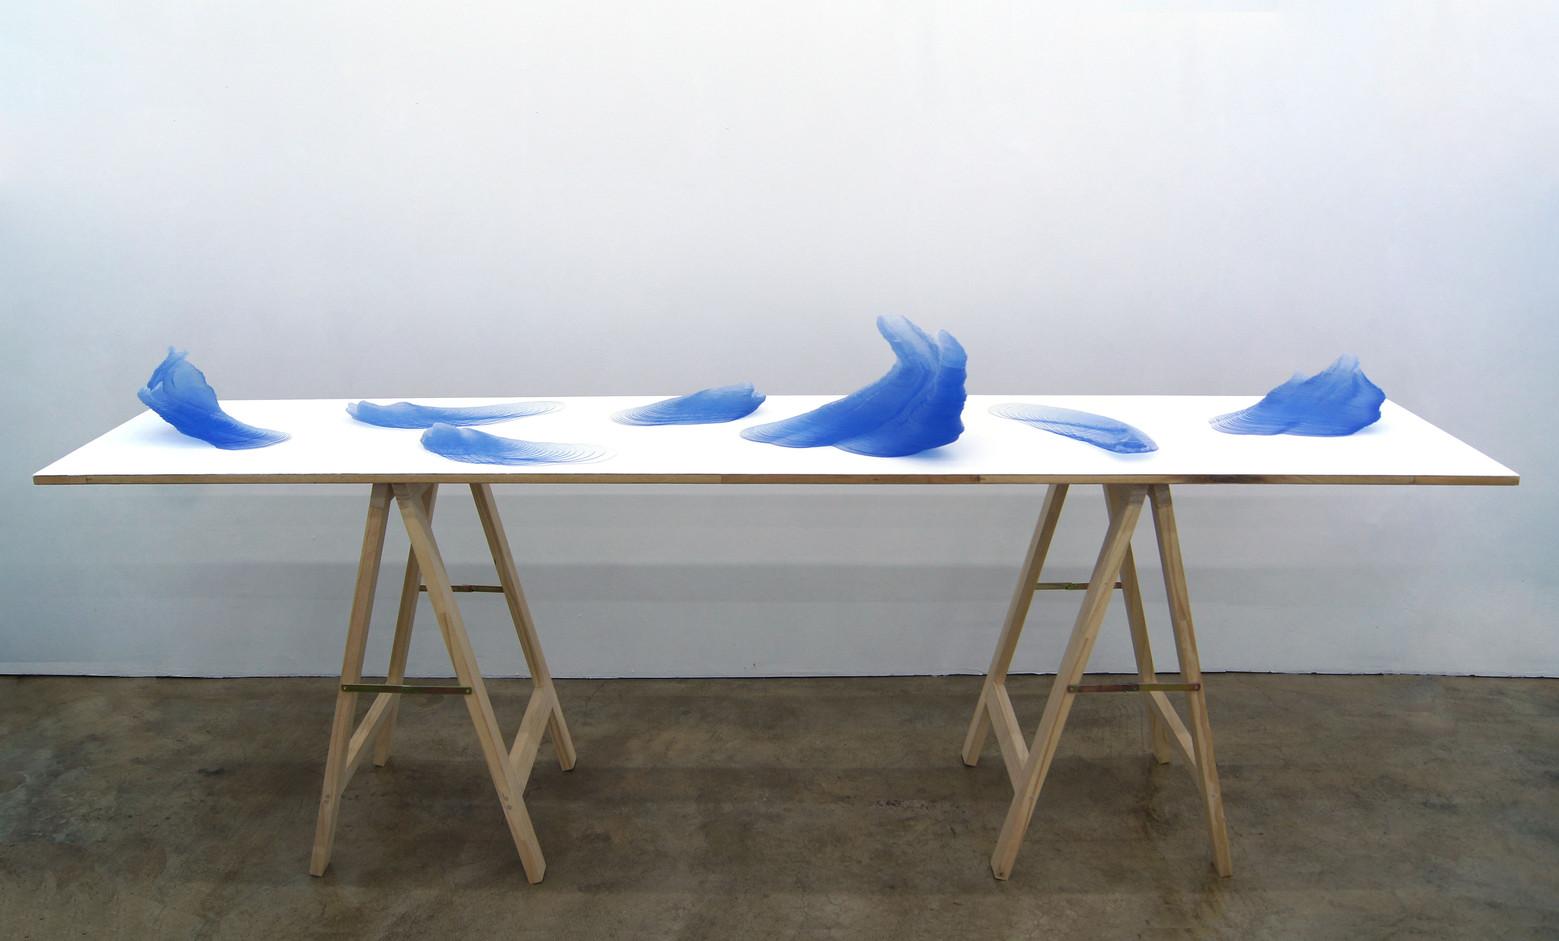 김윤수, Waves, 100(h)x244x50cm, 2018